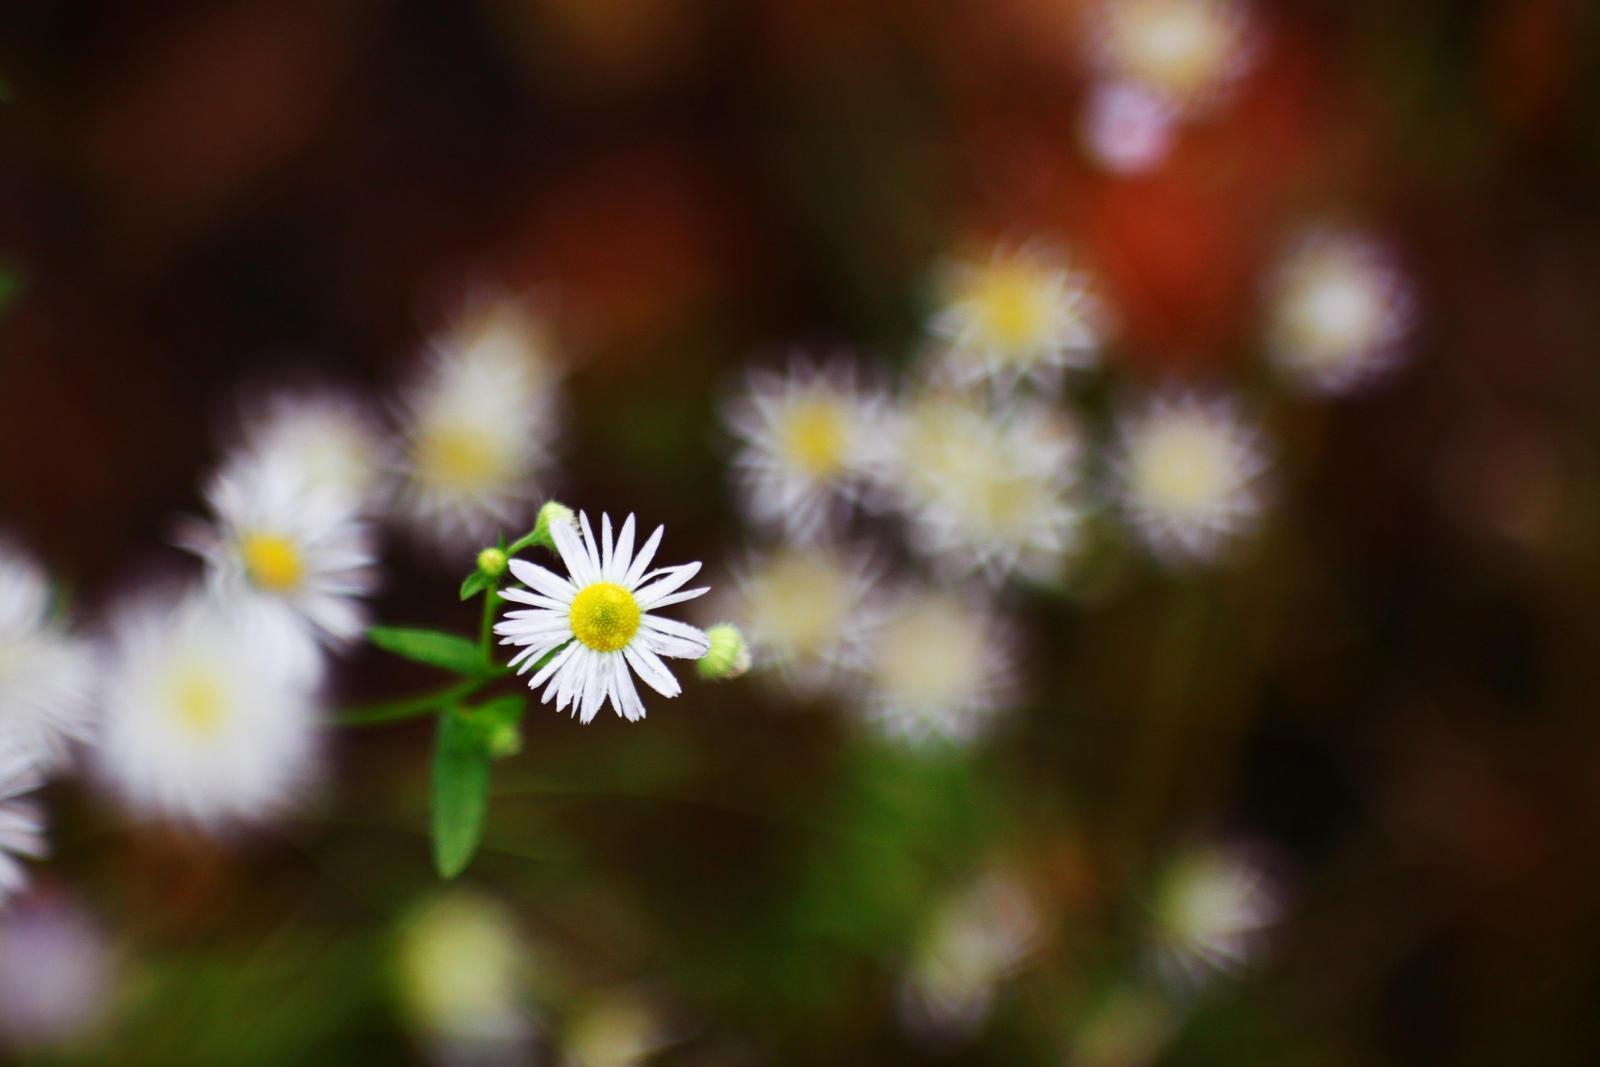 Autumn flower by darkshines7